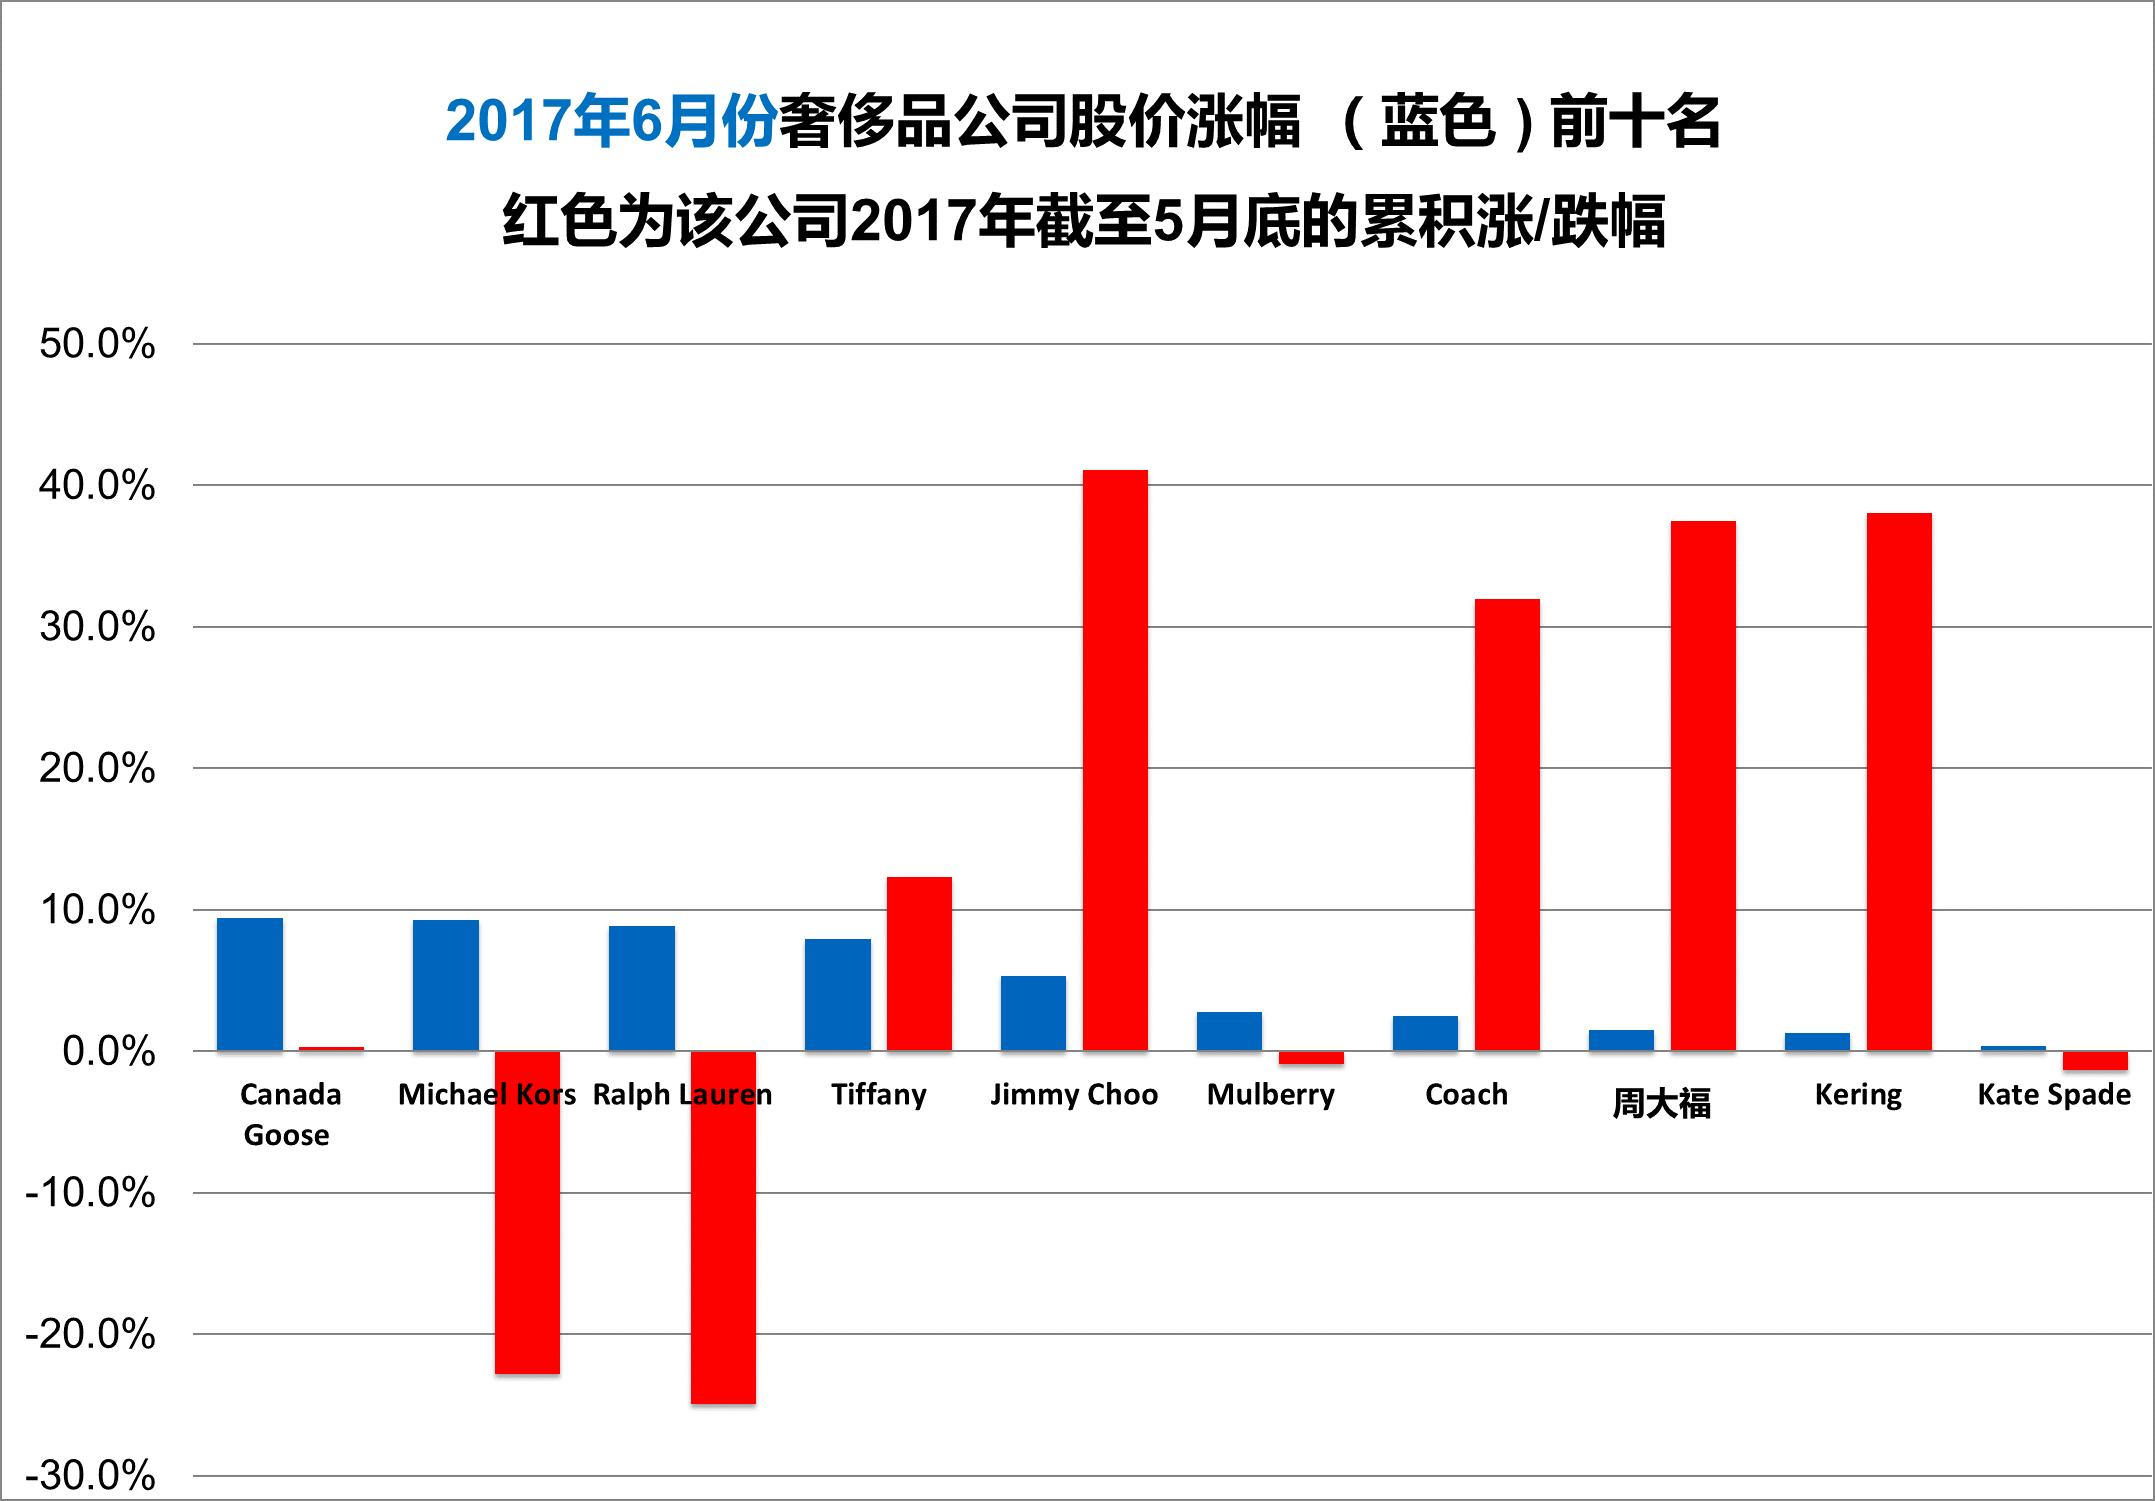 《华丽志》奢侈品股票月度排行榜(2017年6月)